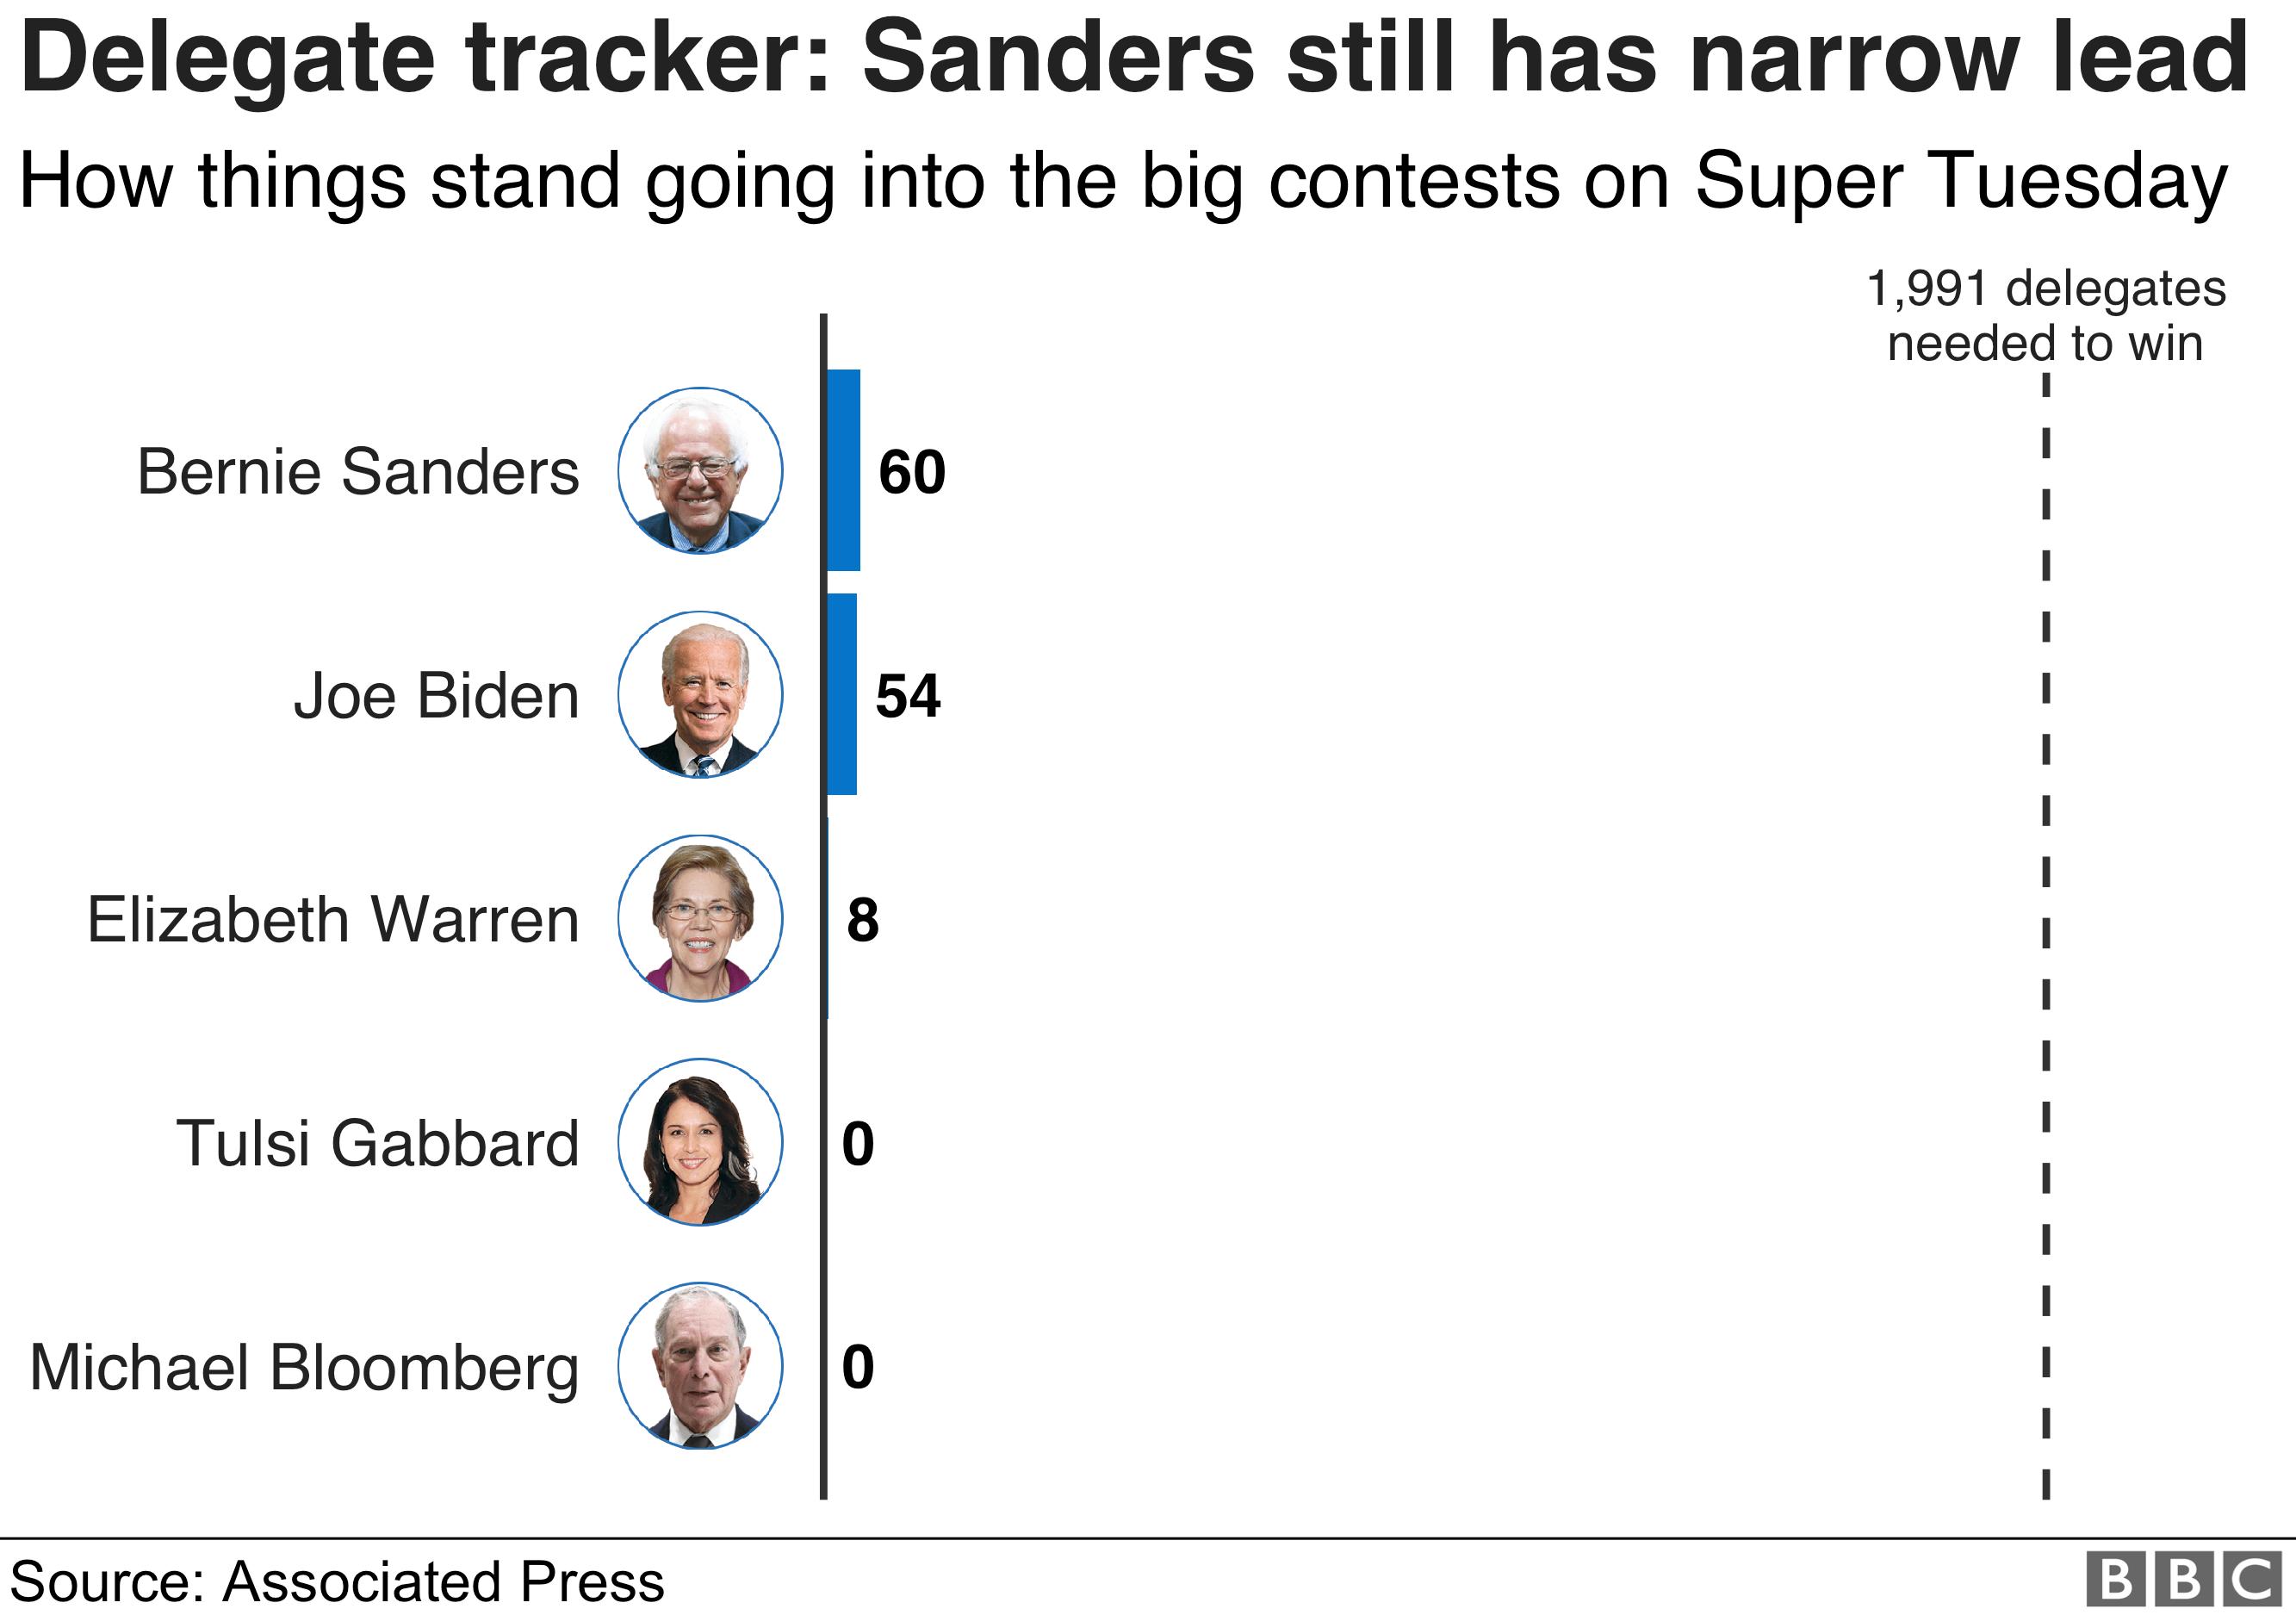 Delegate tracker graphic